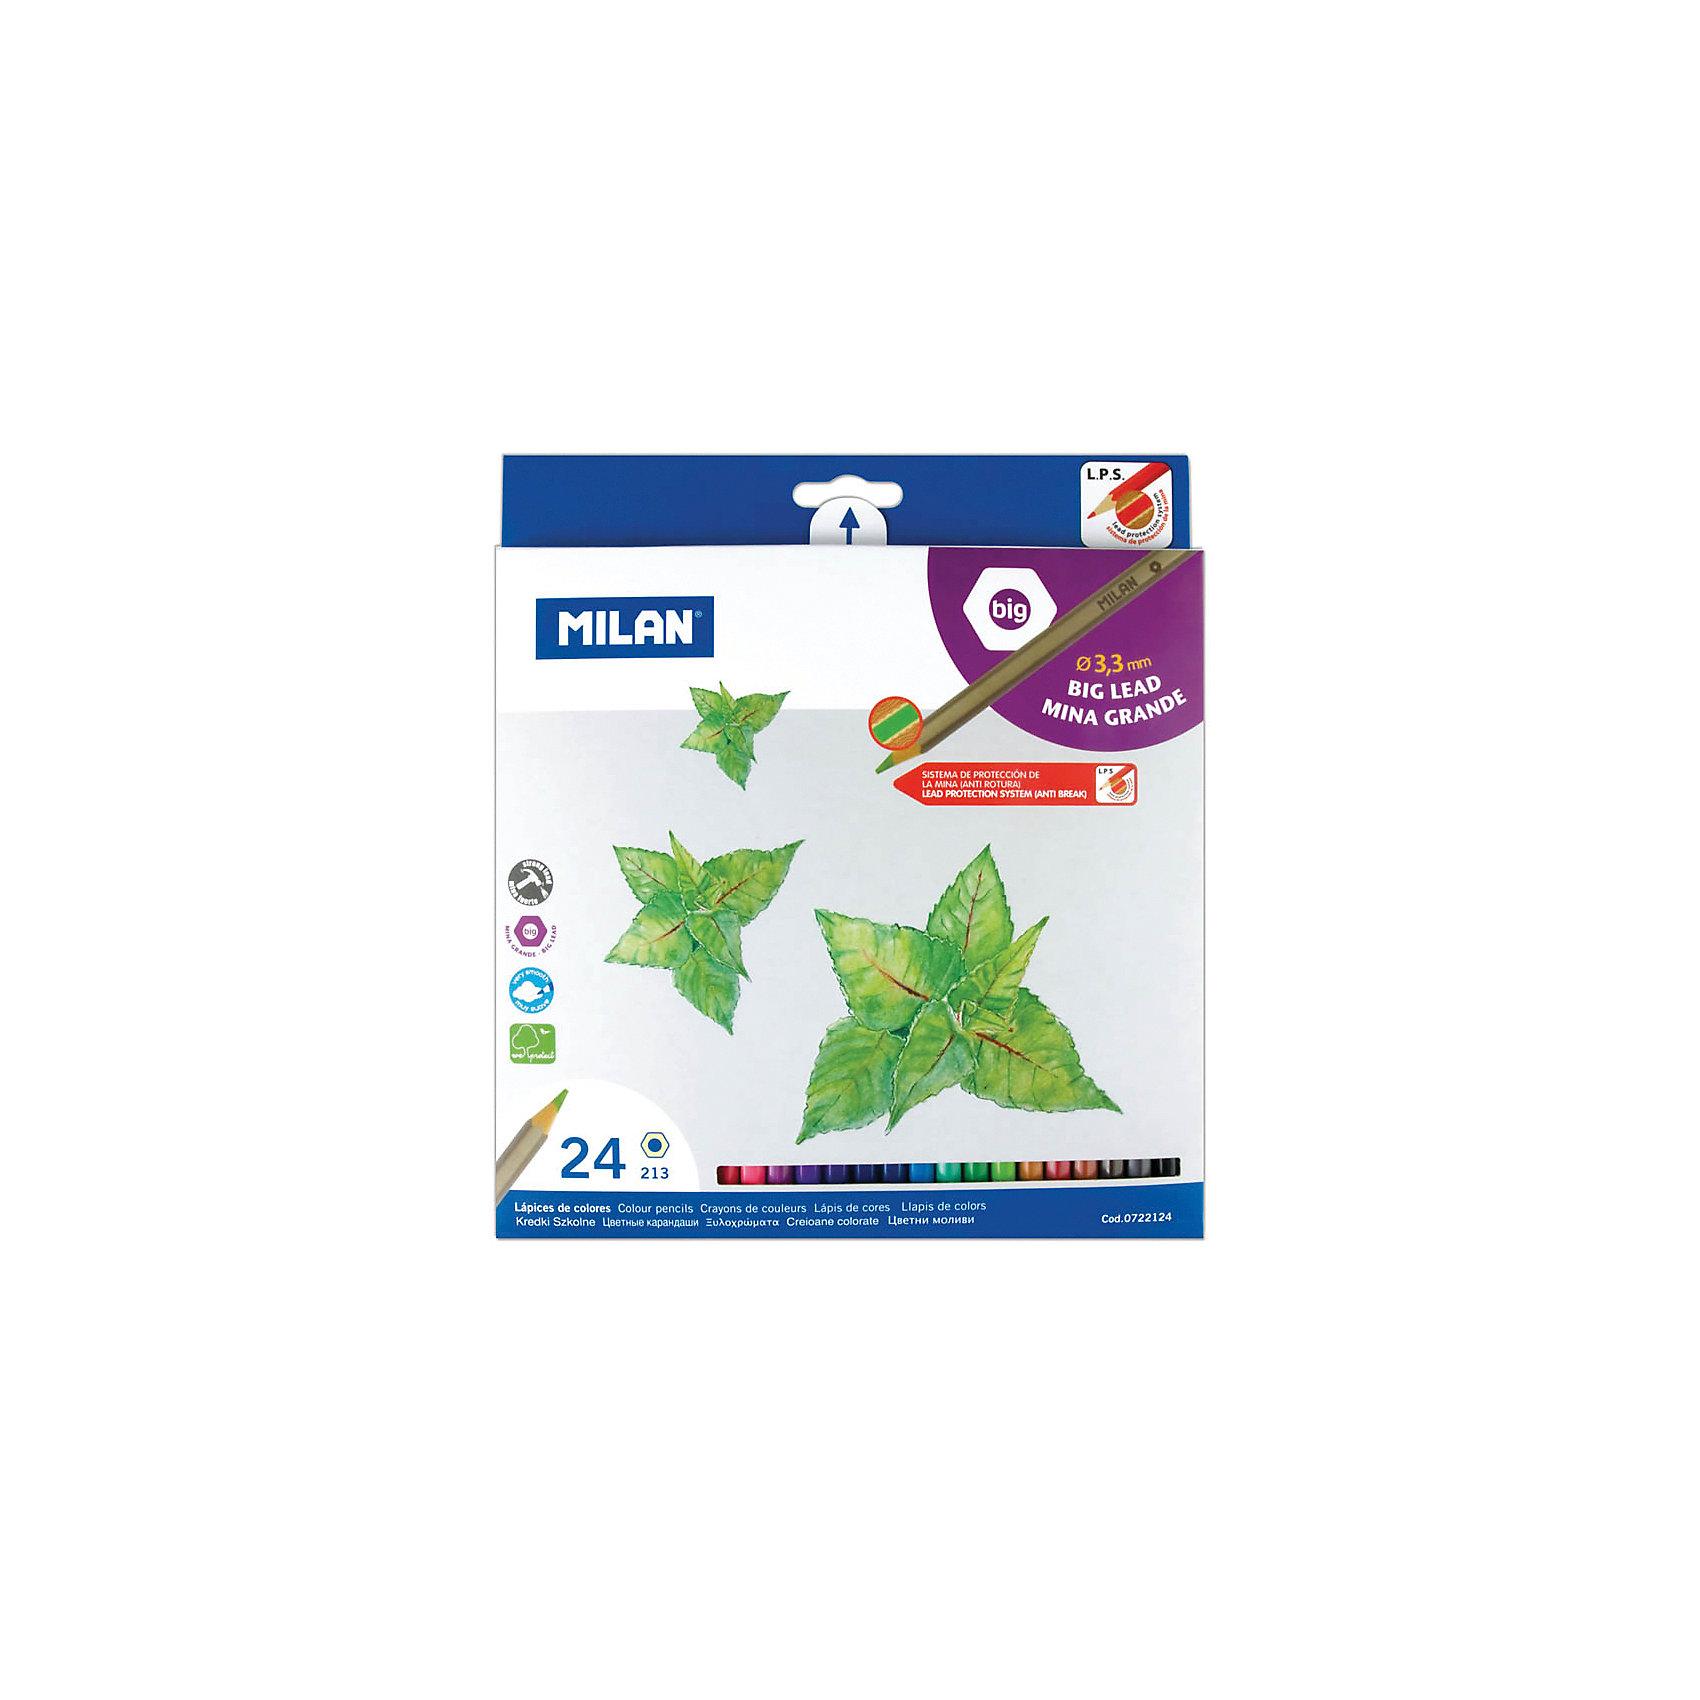 Карандаши 213 24 цвета Milan, утолщенный грифельПисьменные принадлежности<br>Количество цветов: 24<br>Материал корпуса: дерево<br>Диаметр корпуса: 6,4<br>Форма корпуса: шестигранная<br>Заточено: да<br>Длина: 175<br>Диаметр грифеля: 3,3<br>Упаковка ед. товара: картонная коробка<br>Ударопрочный грифель: да<br>Наличие европодвеса: есть<br>Наличие штрихкода на ед. товара: есть<br><br>Ширина мм: 180<br>Глубина мм: 190<br>Высота мм: 10<br>Вес г: 190<br>Возраст от месяцев: 36<br>Возраст до месяцев: 2147483647<br>Пол: Унисекс<br>Возраст: Детский<br>SKU: 7044183